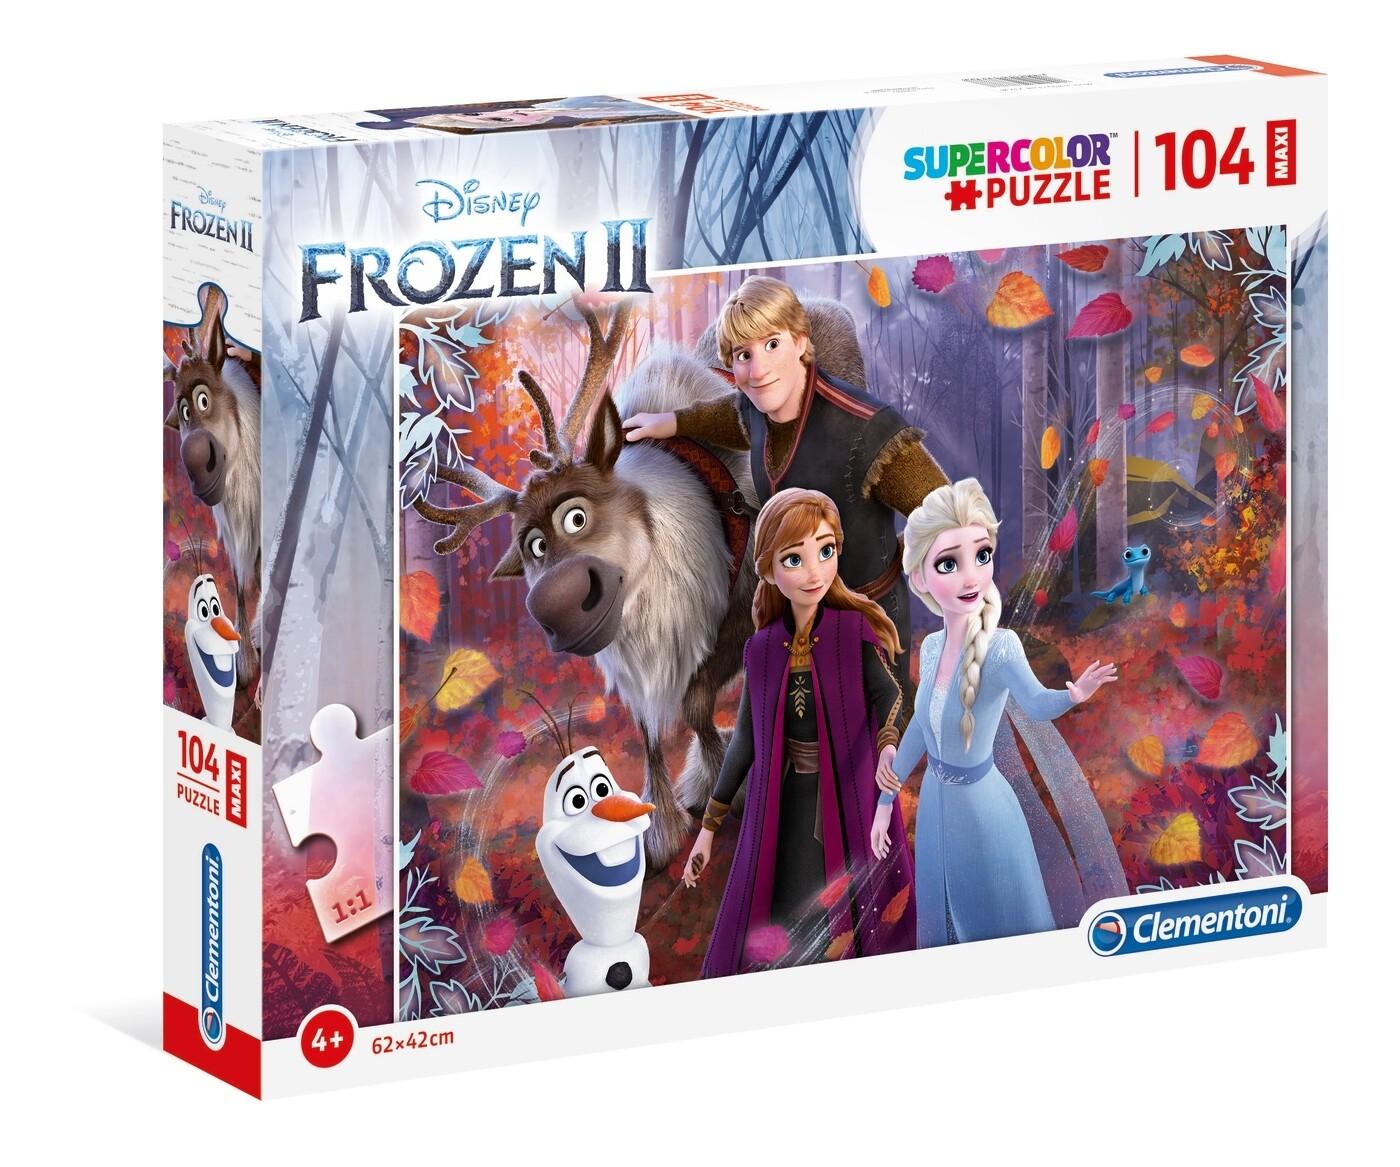 PUZZLE Supercolor MAXI - 104pcs - Frozen II - CLEMENTONI